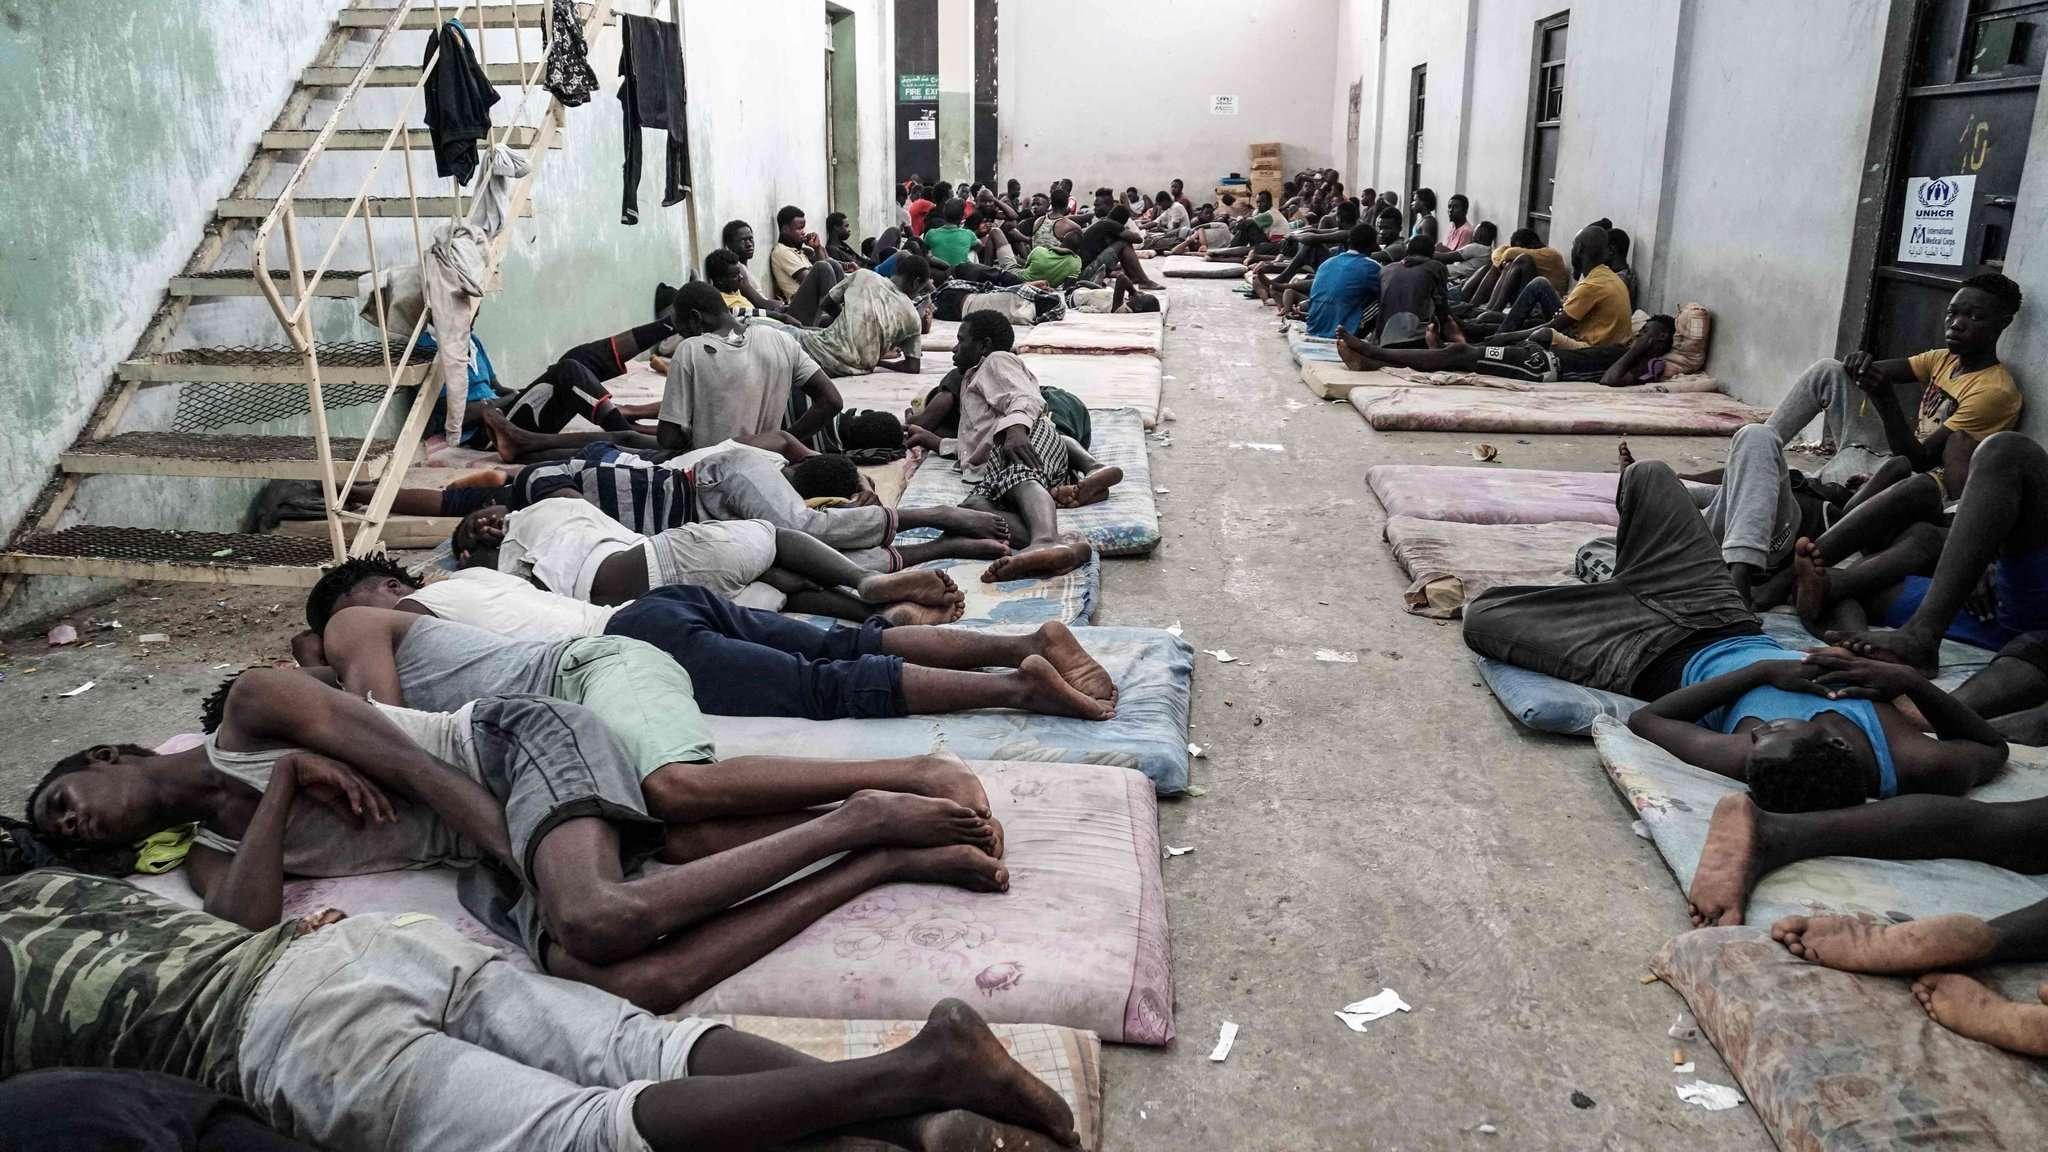 ليبيا: عشرات اللاجئين رهن الاختطاف من قبل عصابات مسلحة